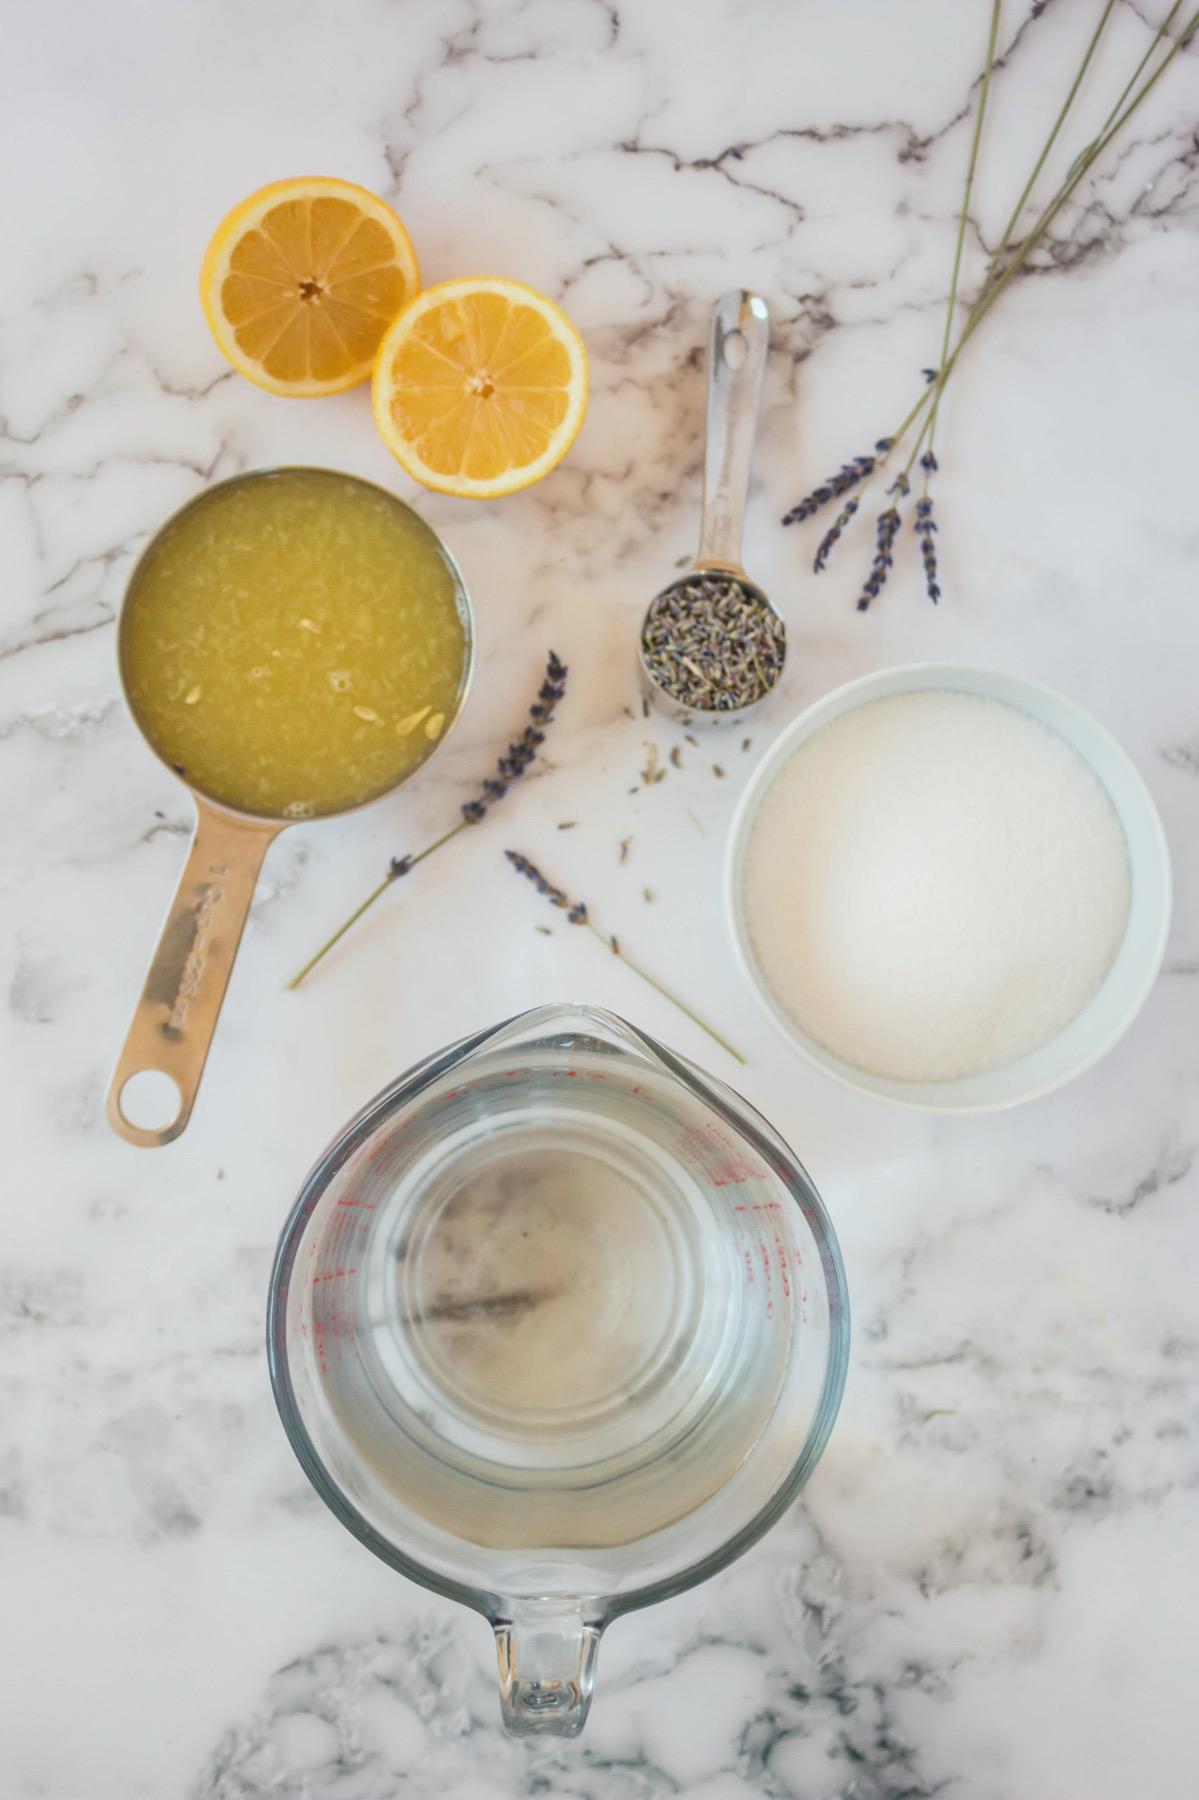 ingredients to make easy lavender lemonade recipe